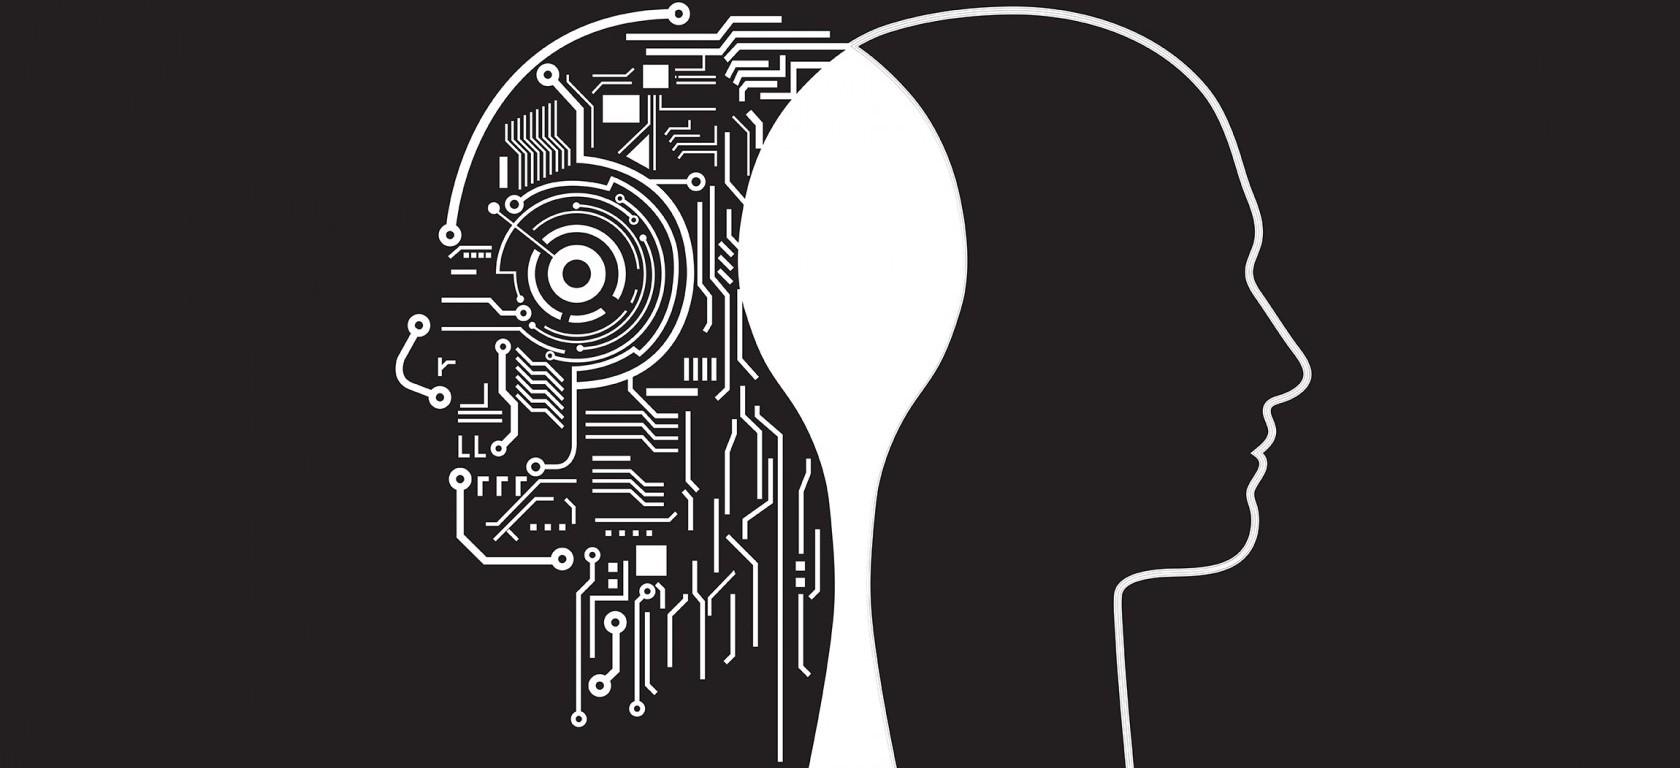 cosa come intelligenza artificiale